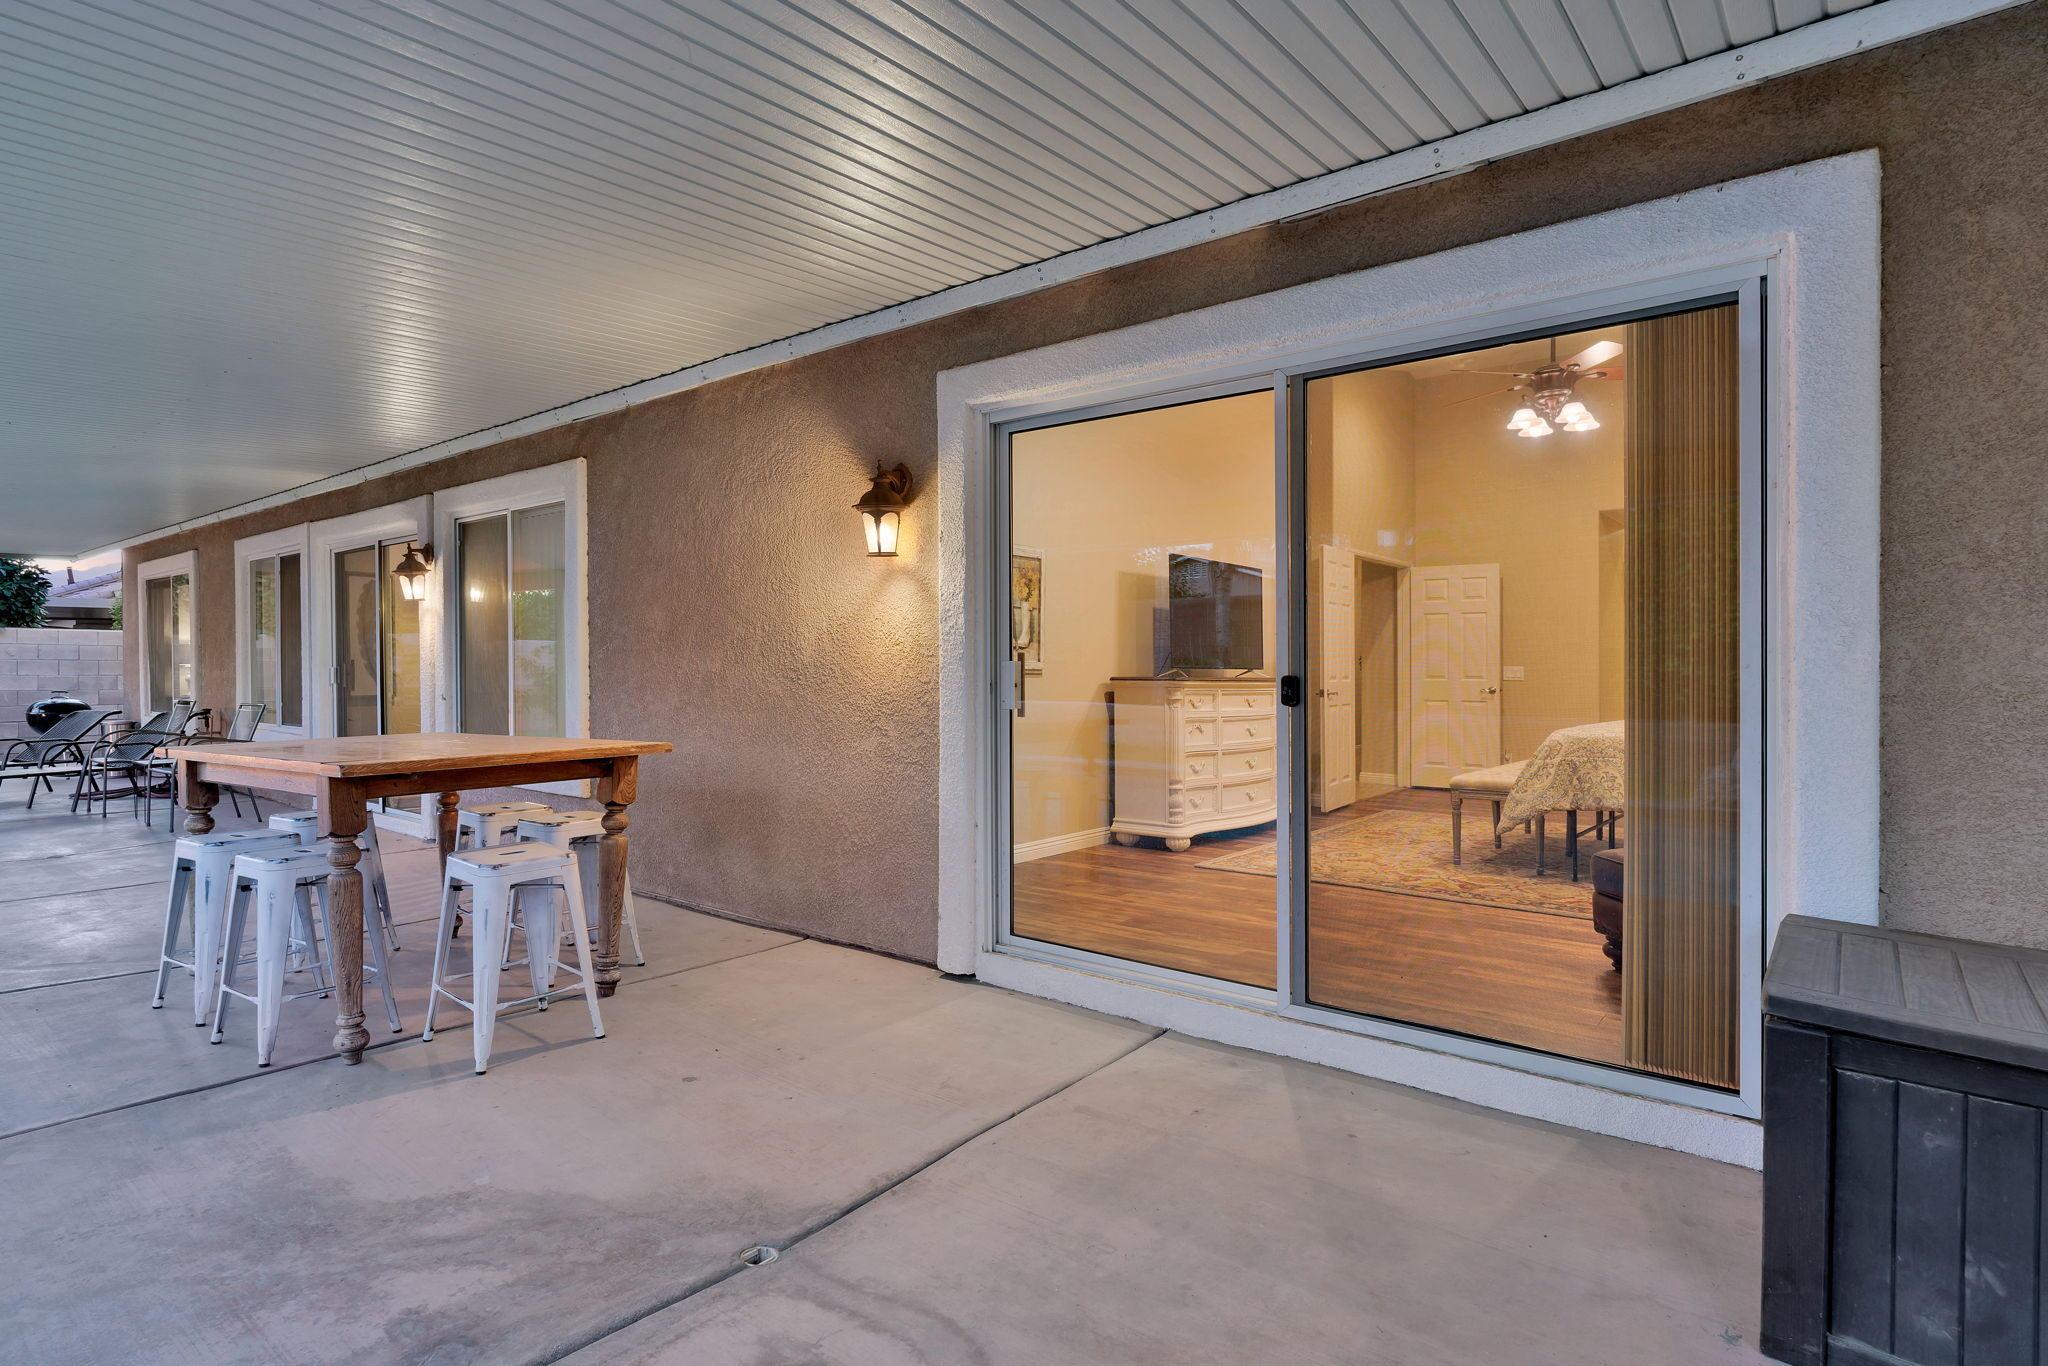 80629 Declaration Avenue, Indio, California 92201, 4 Bedrooms Bedrooms, ,3 BathroomsBathrooms,Residential,For Sale,80629 Declaration Avenue,219042669